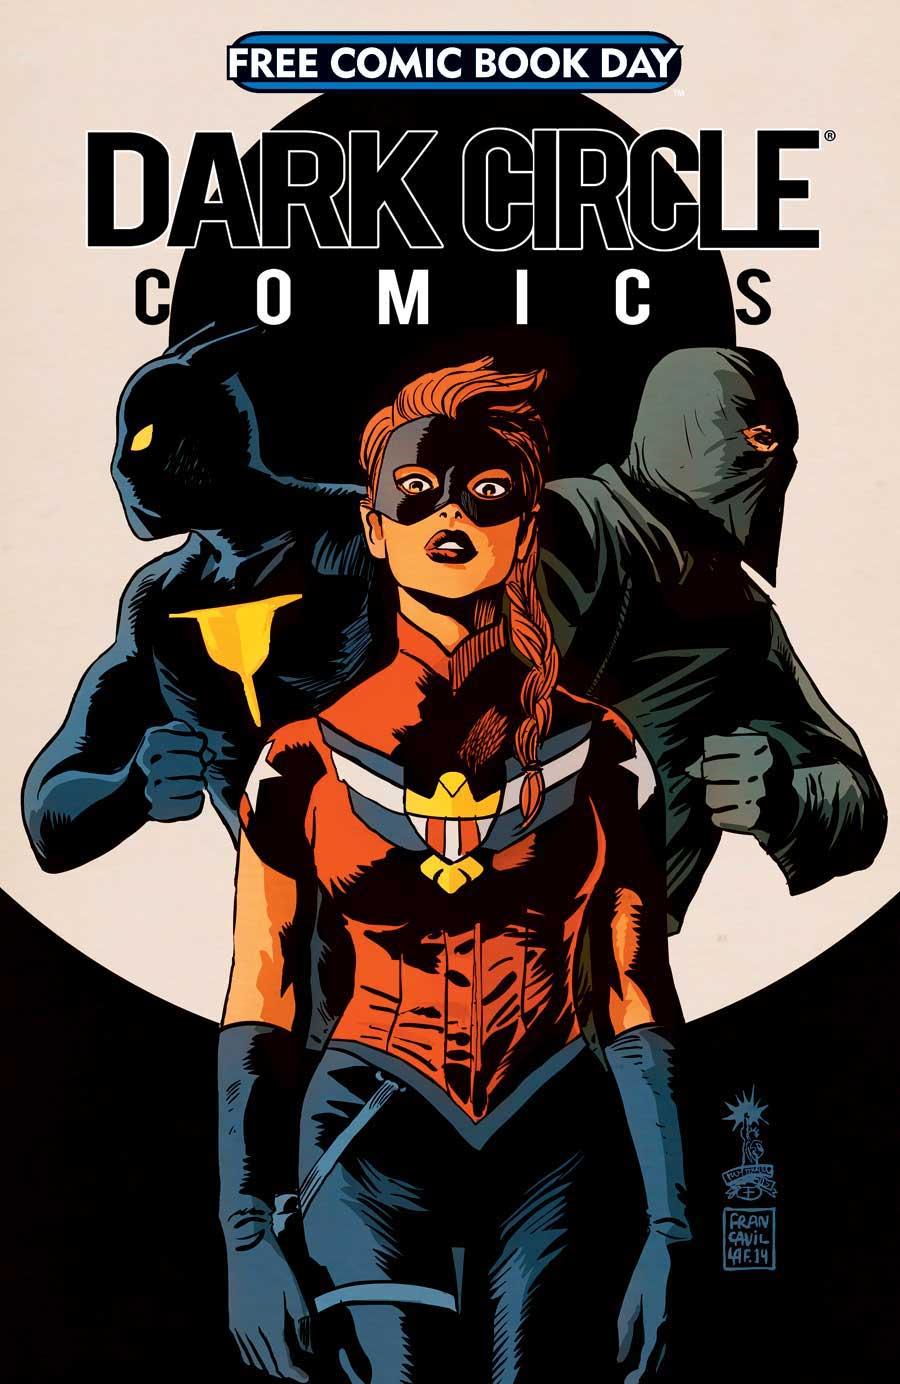 Comics free comics comic